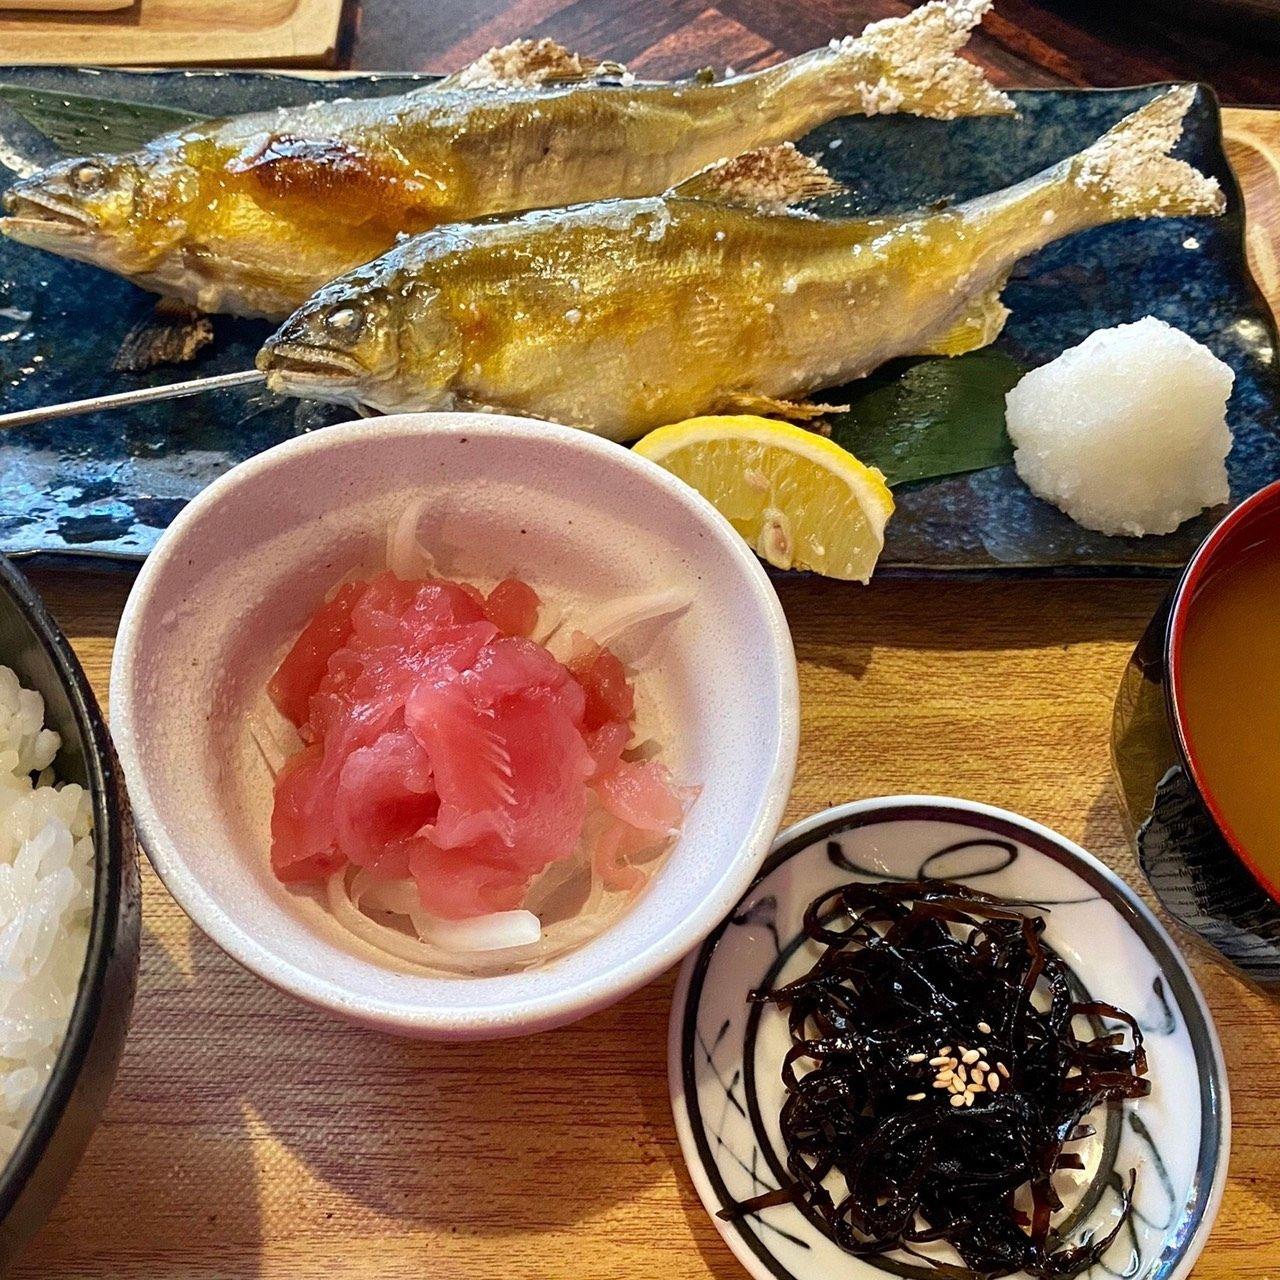 【ランチ限定】清流川登り鮎塩焼き定食(2尾)